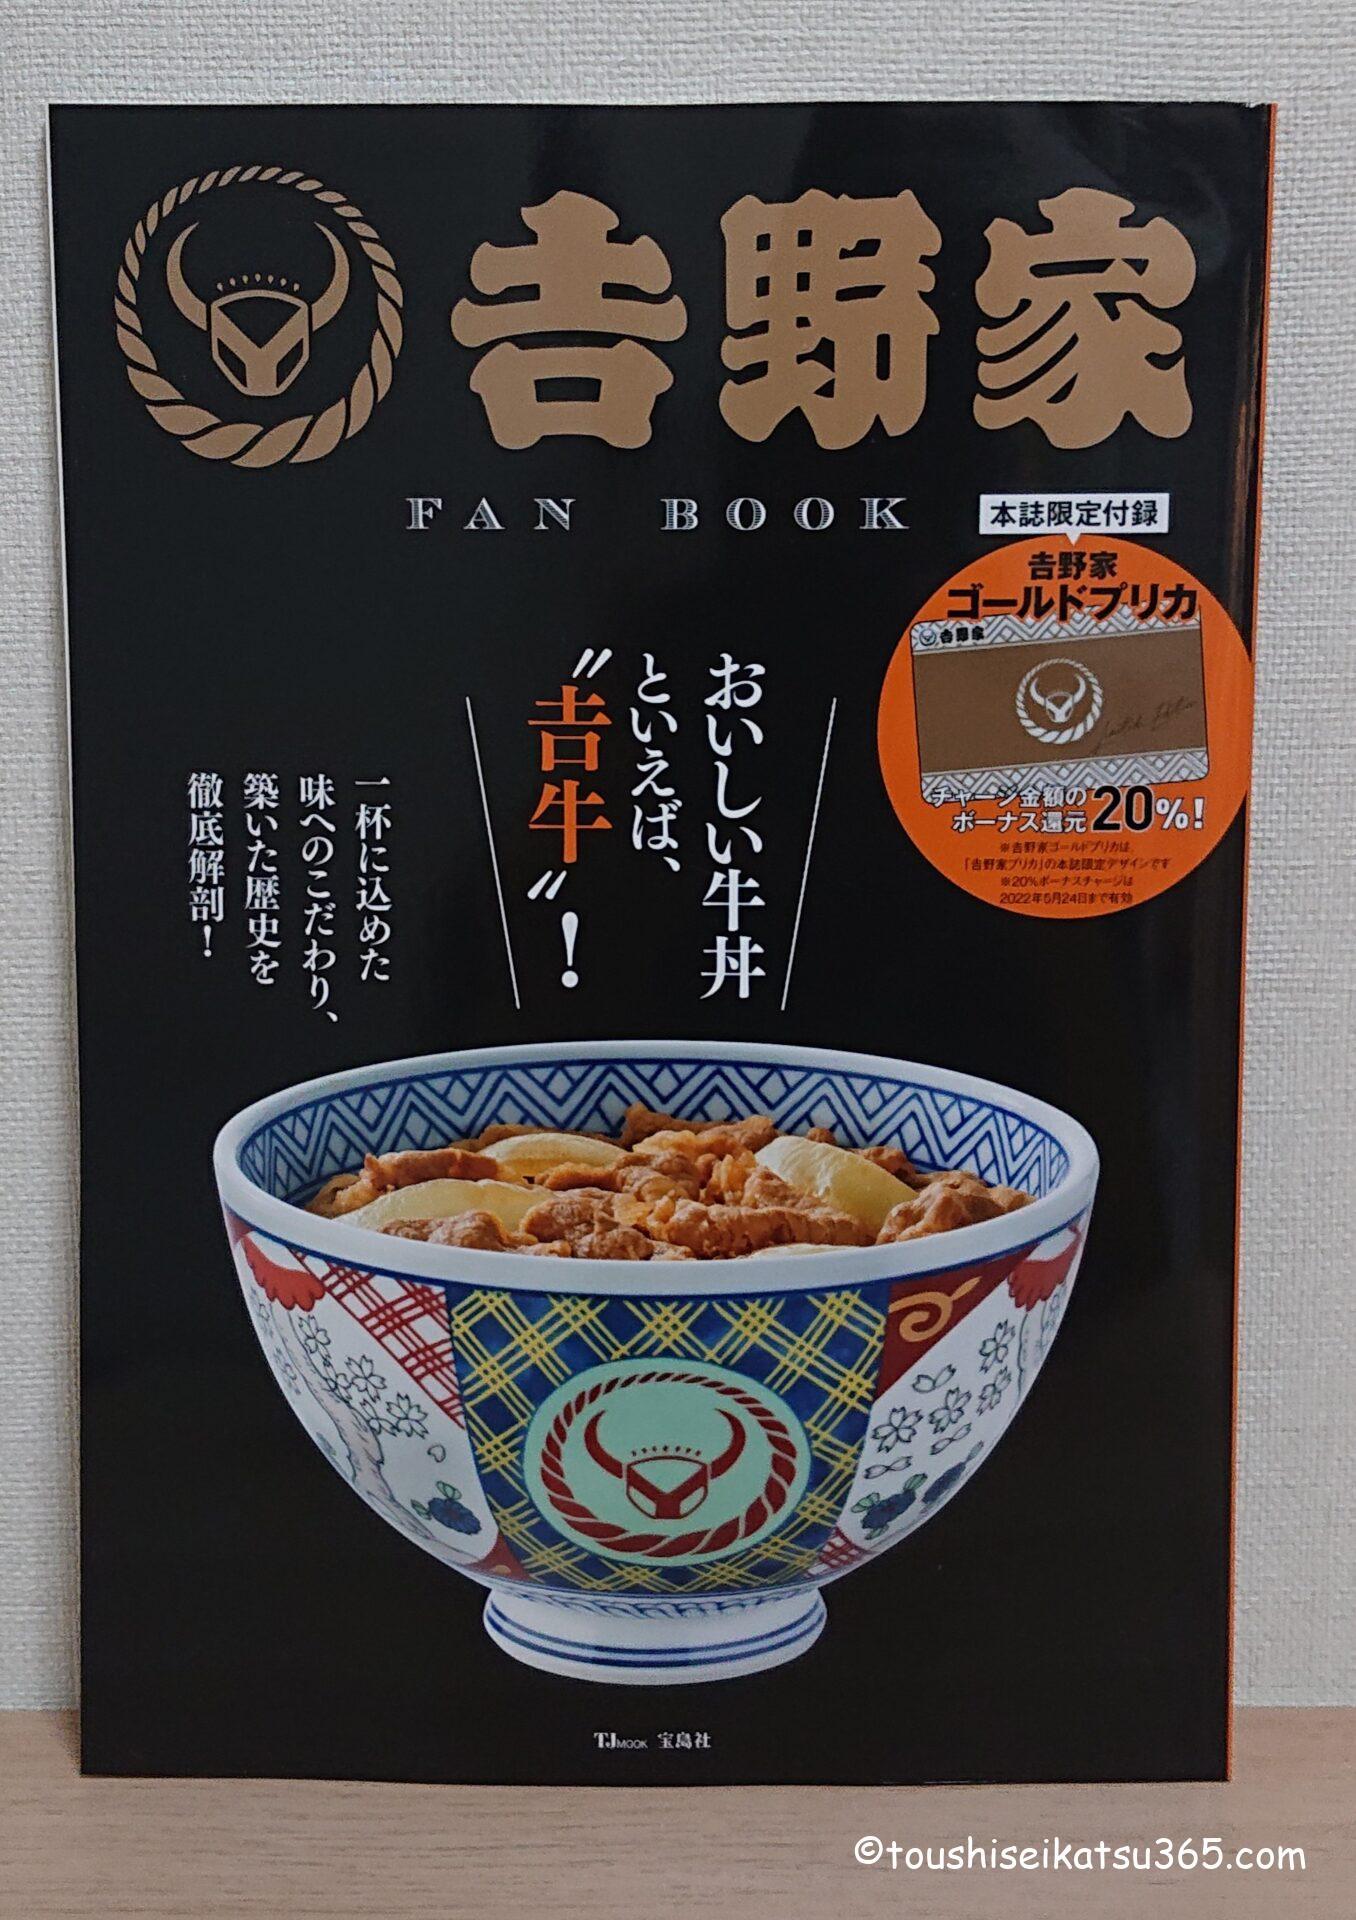 吉野家 FAN BOOK